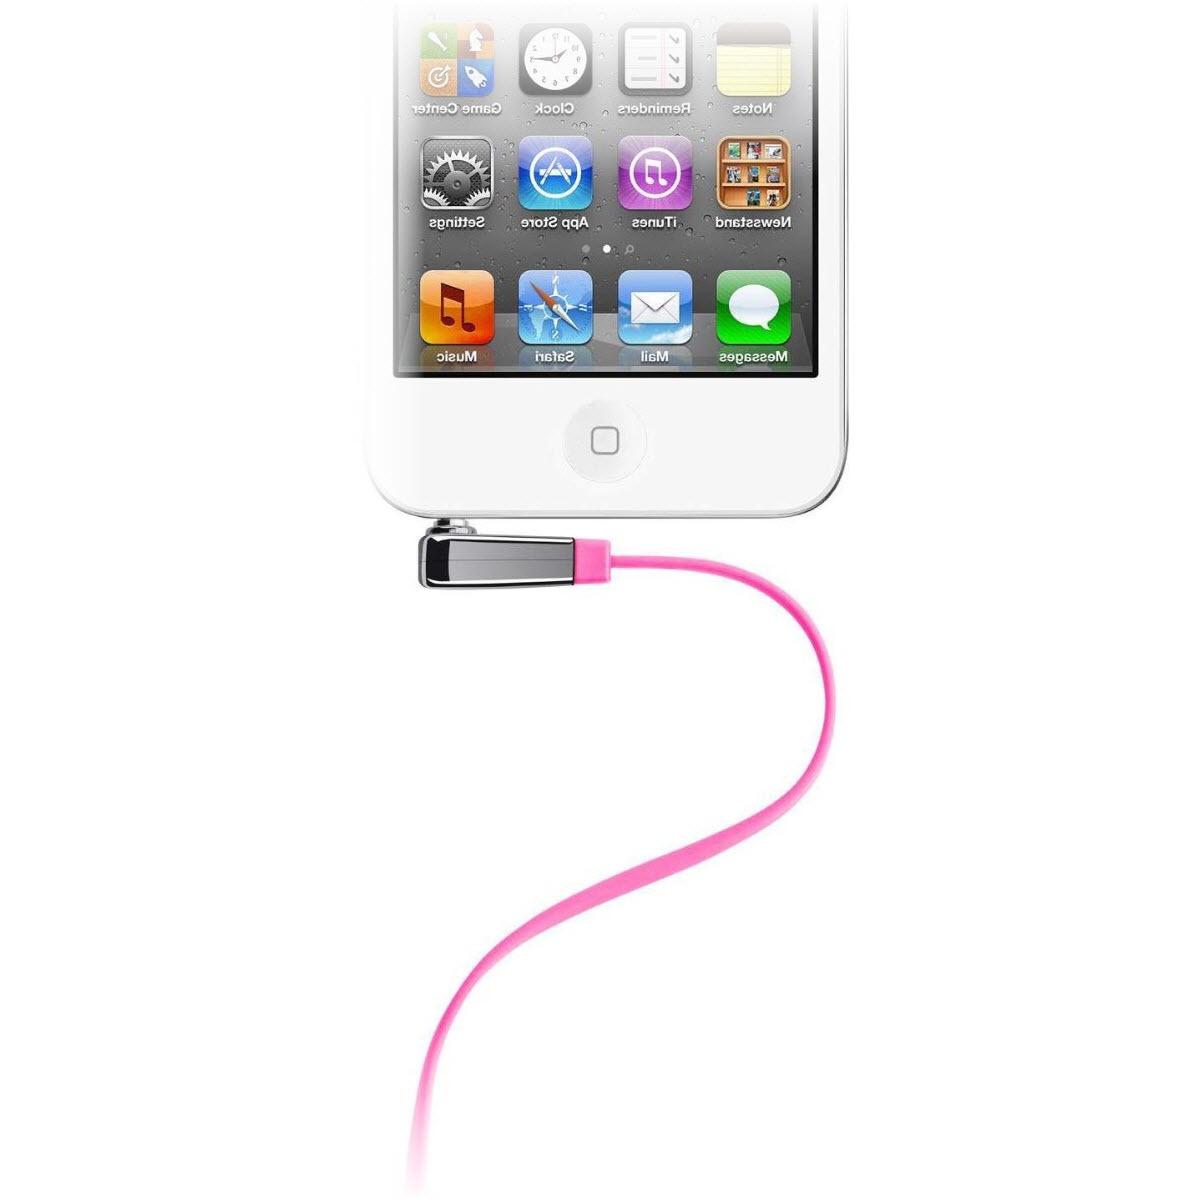 лучшая цена Аудио кабель Belkin AV10128cw03-PNK для подключения Apple